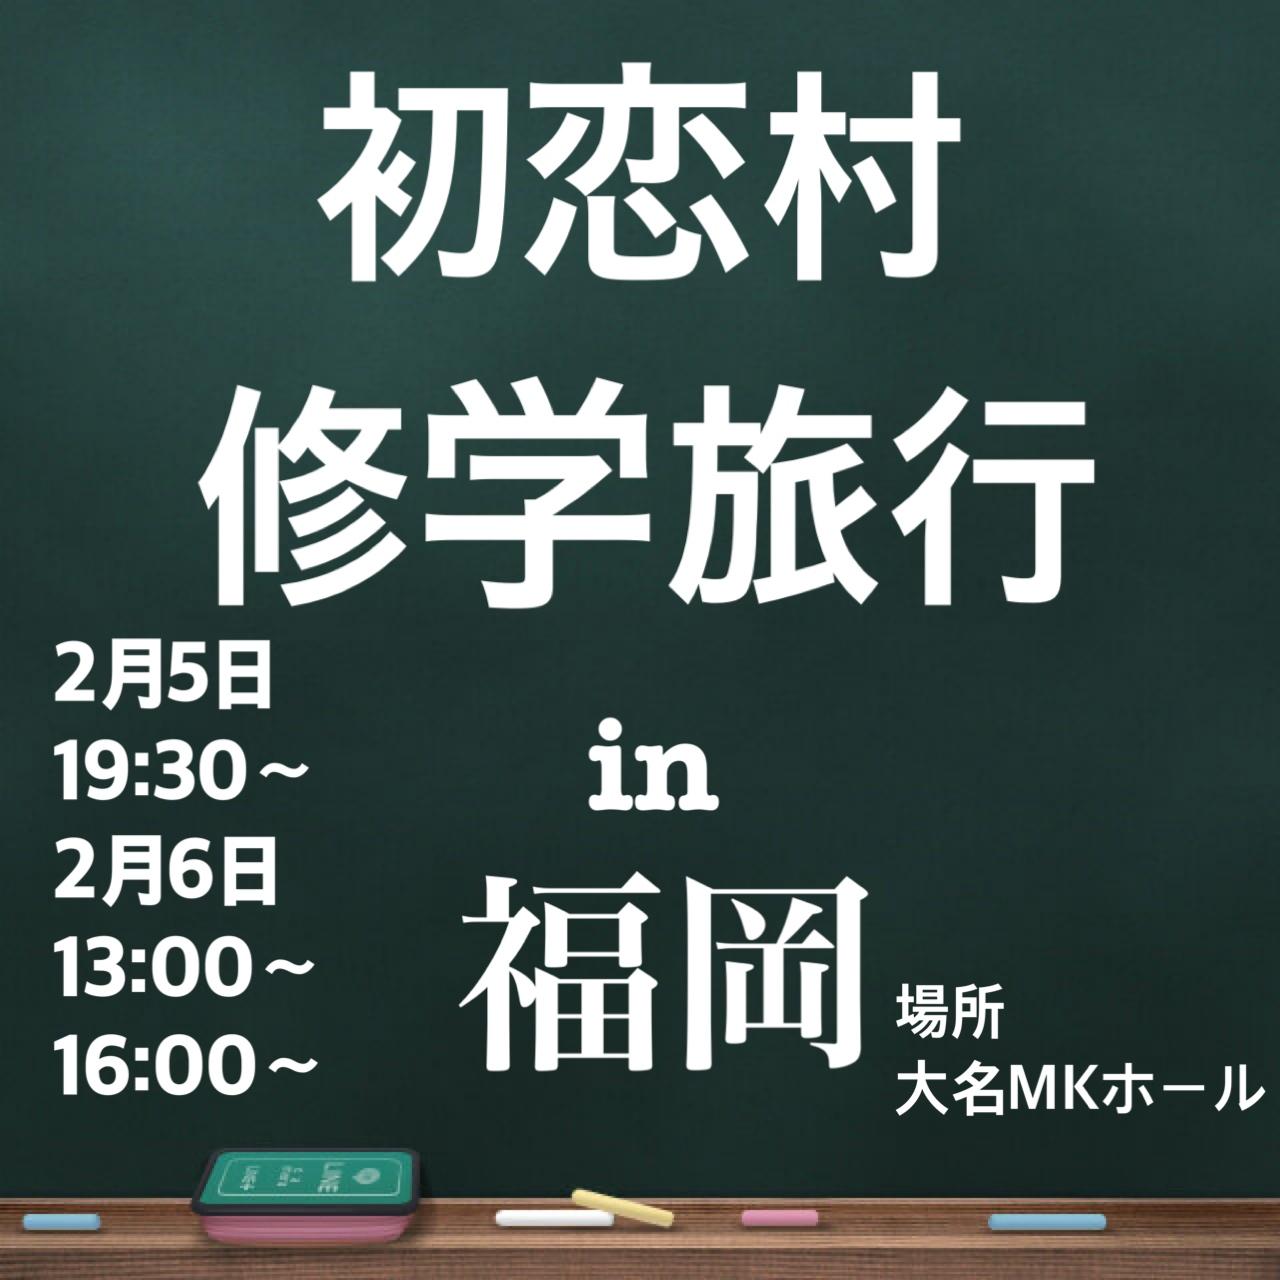 【劇場】2月6日初恋村ライブin福岡 2部